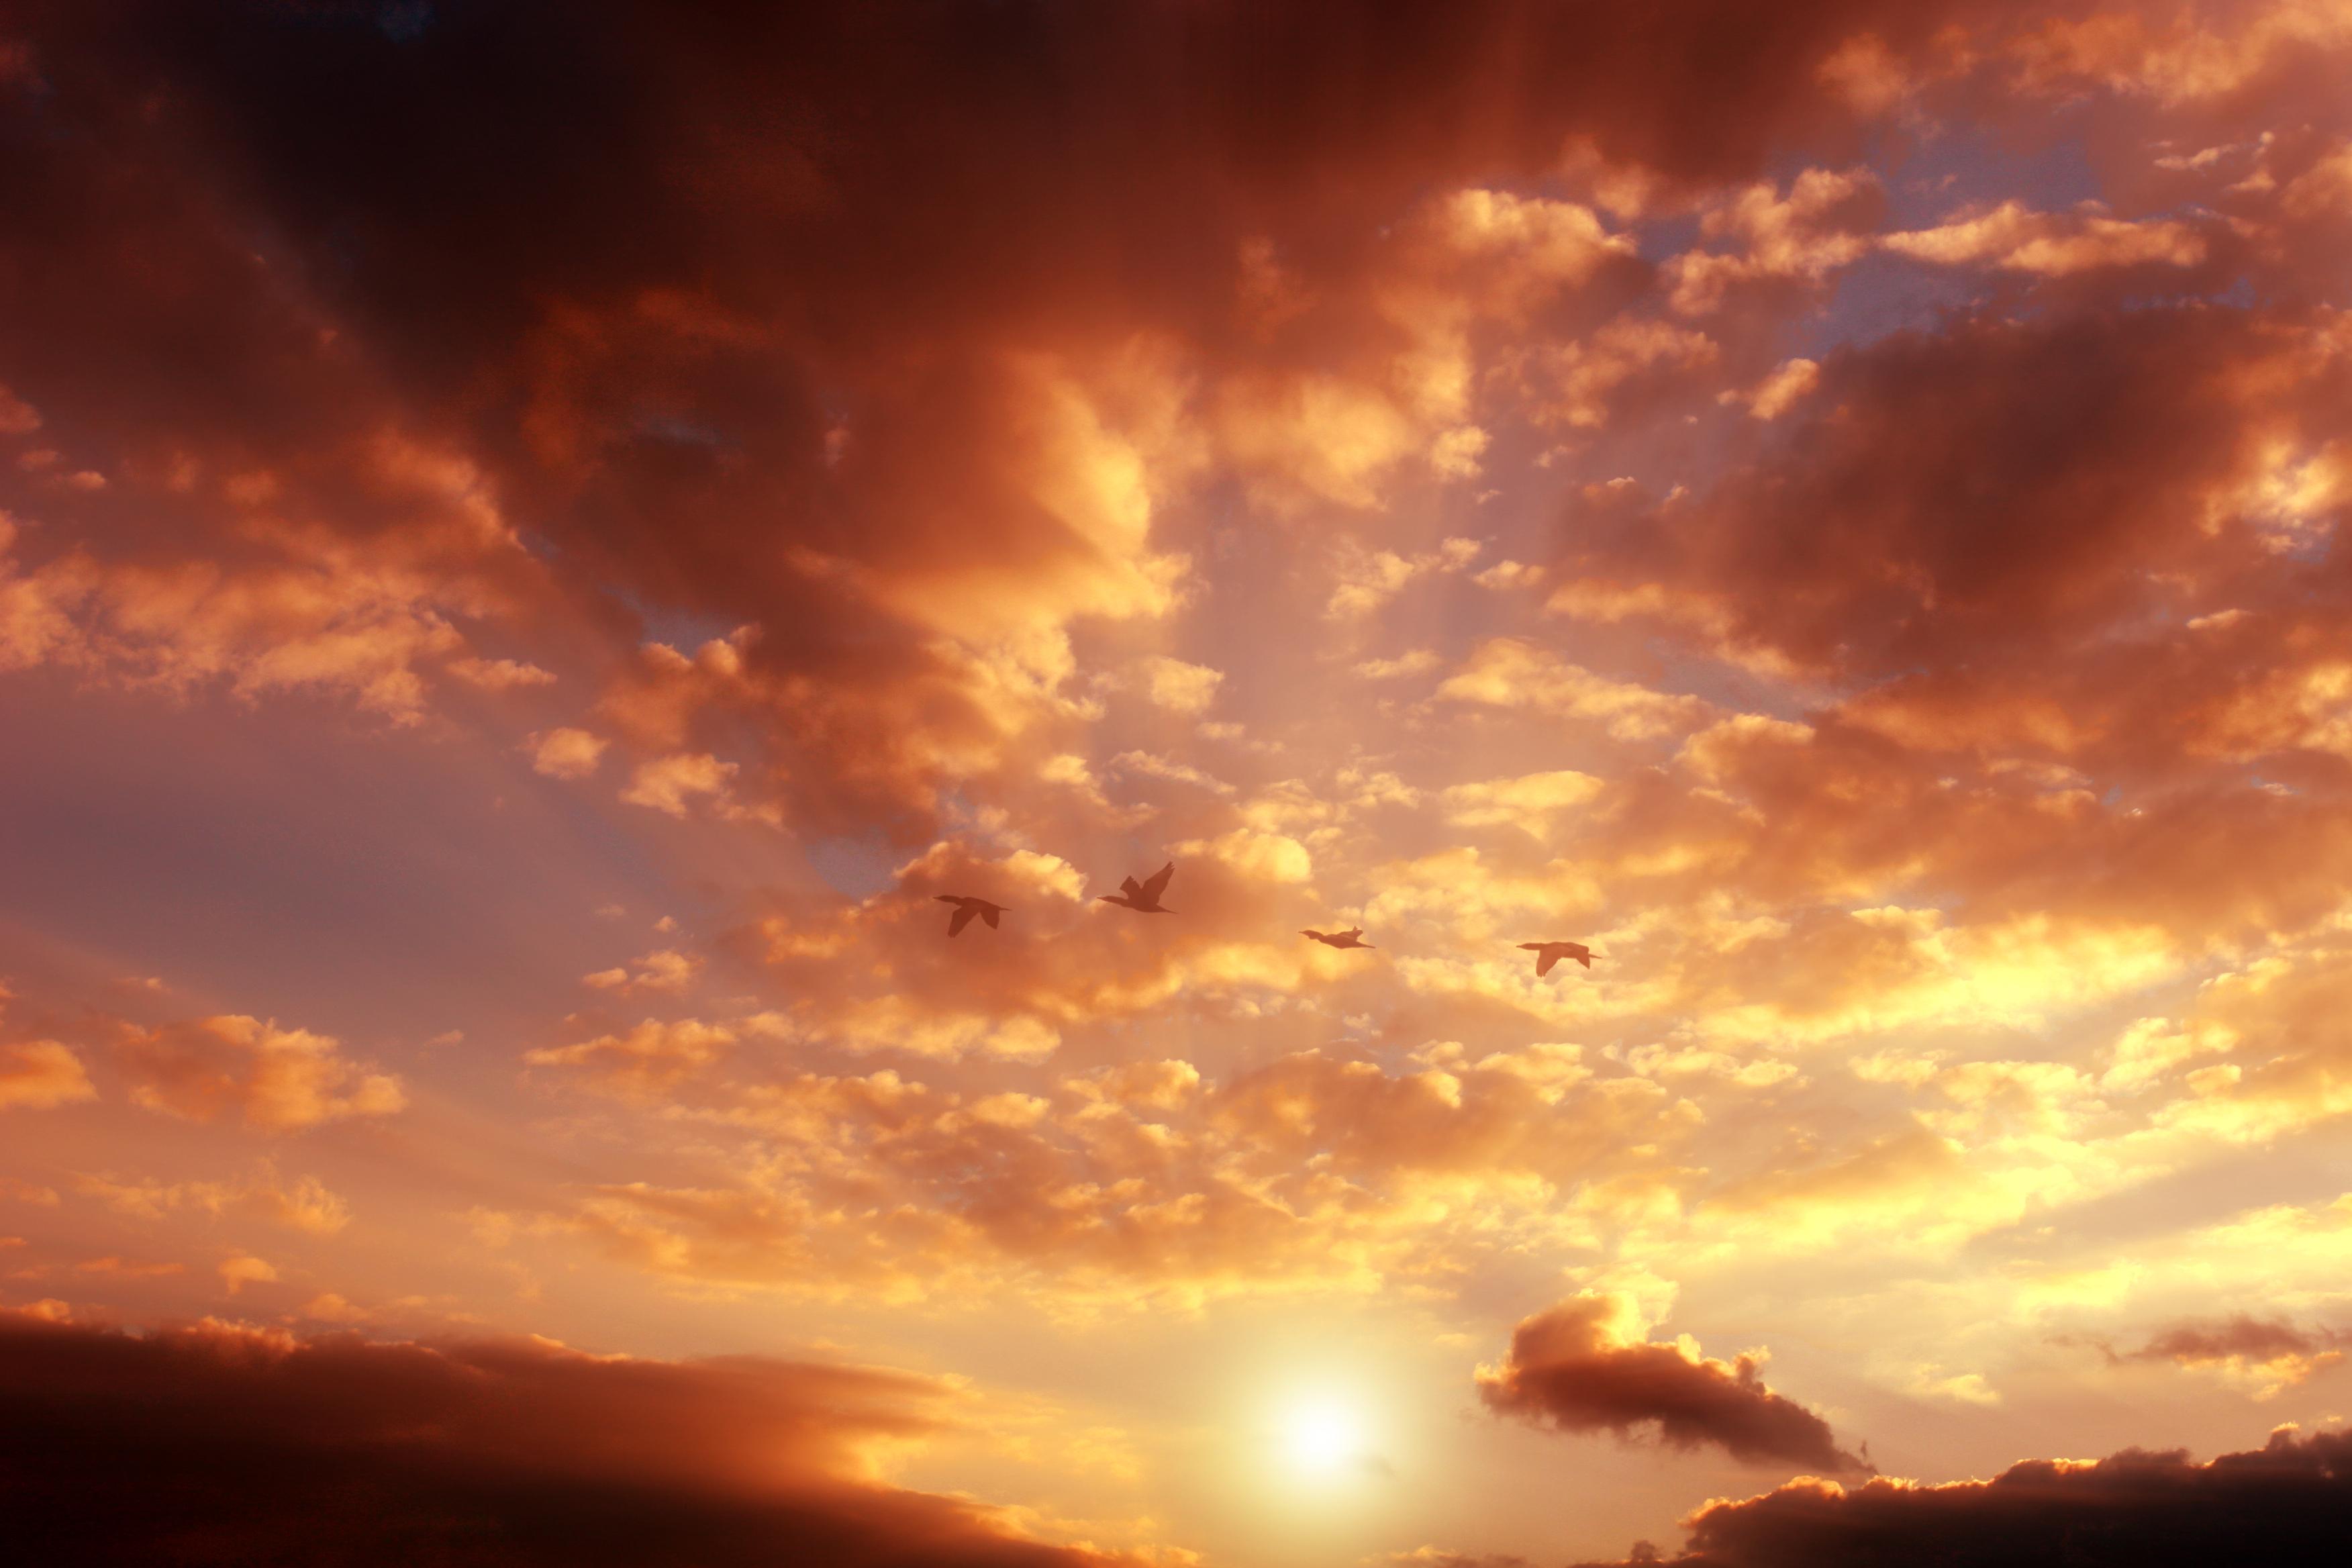 Le ciel les oiseaux et ta femme full story - 4 10